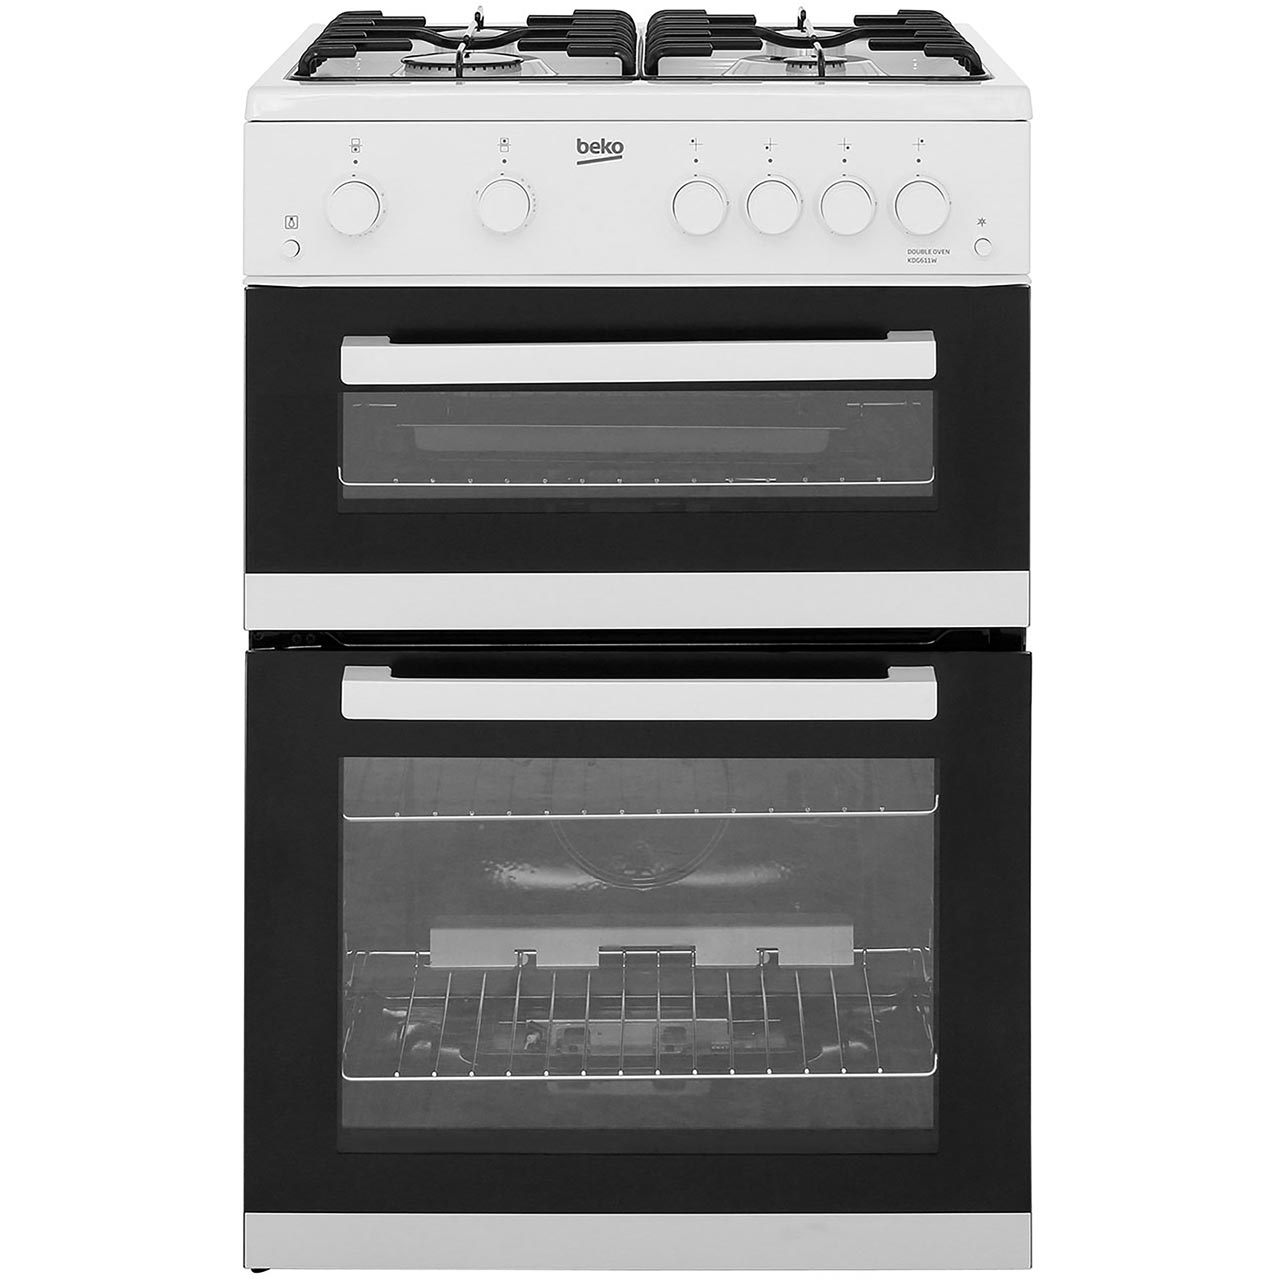 Cookers & Microwaves Rental Goods